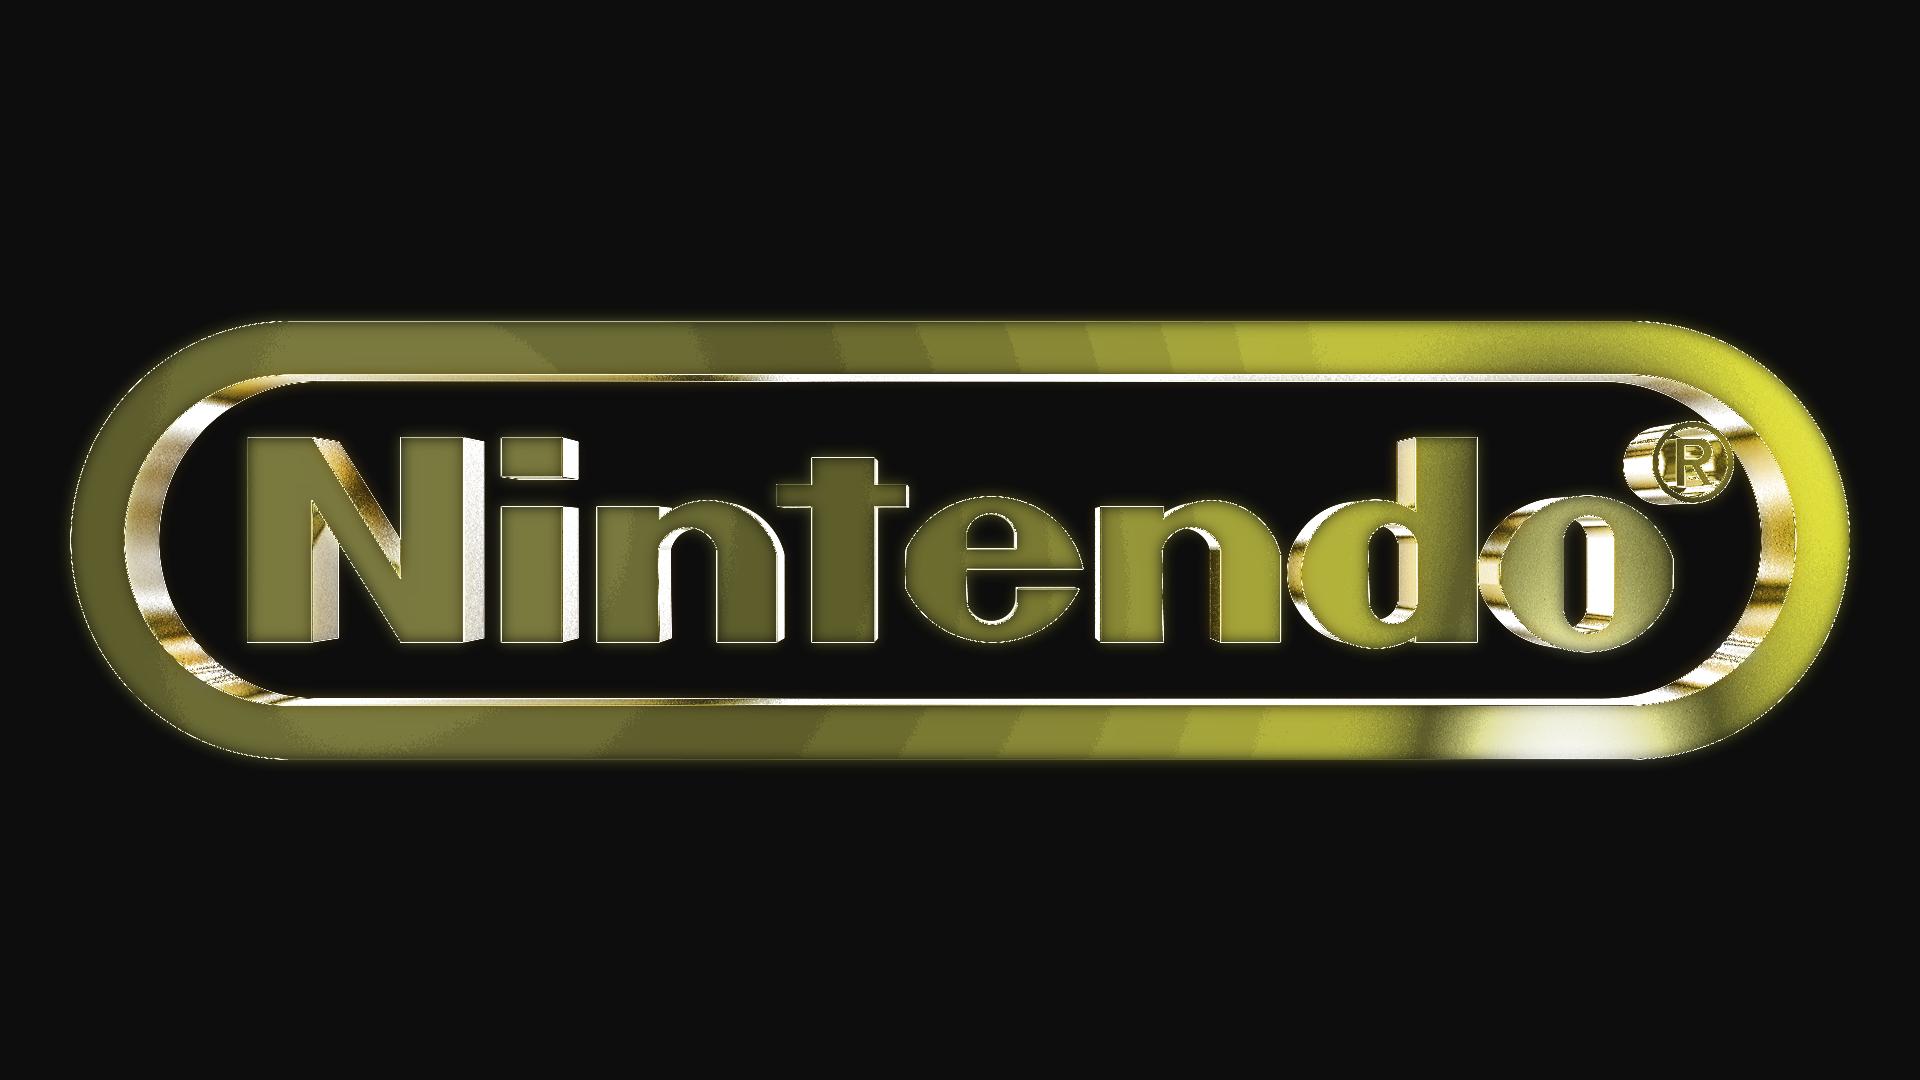 Nintendo logo HD by PortableNetworkGraph 1920x1080